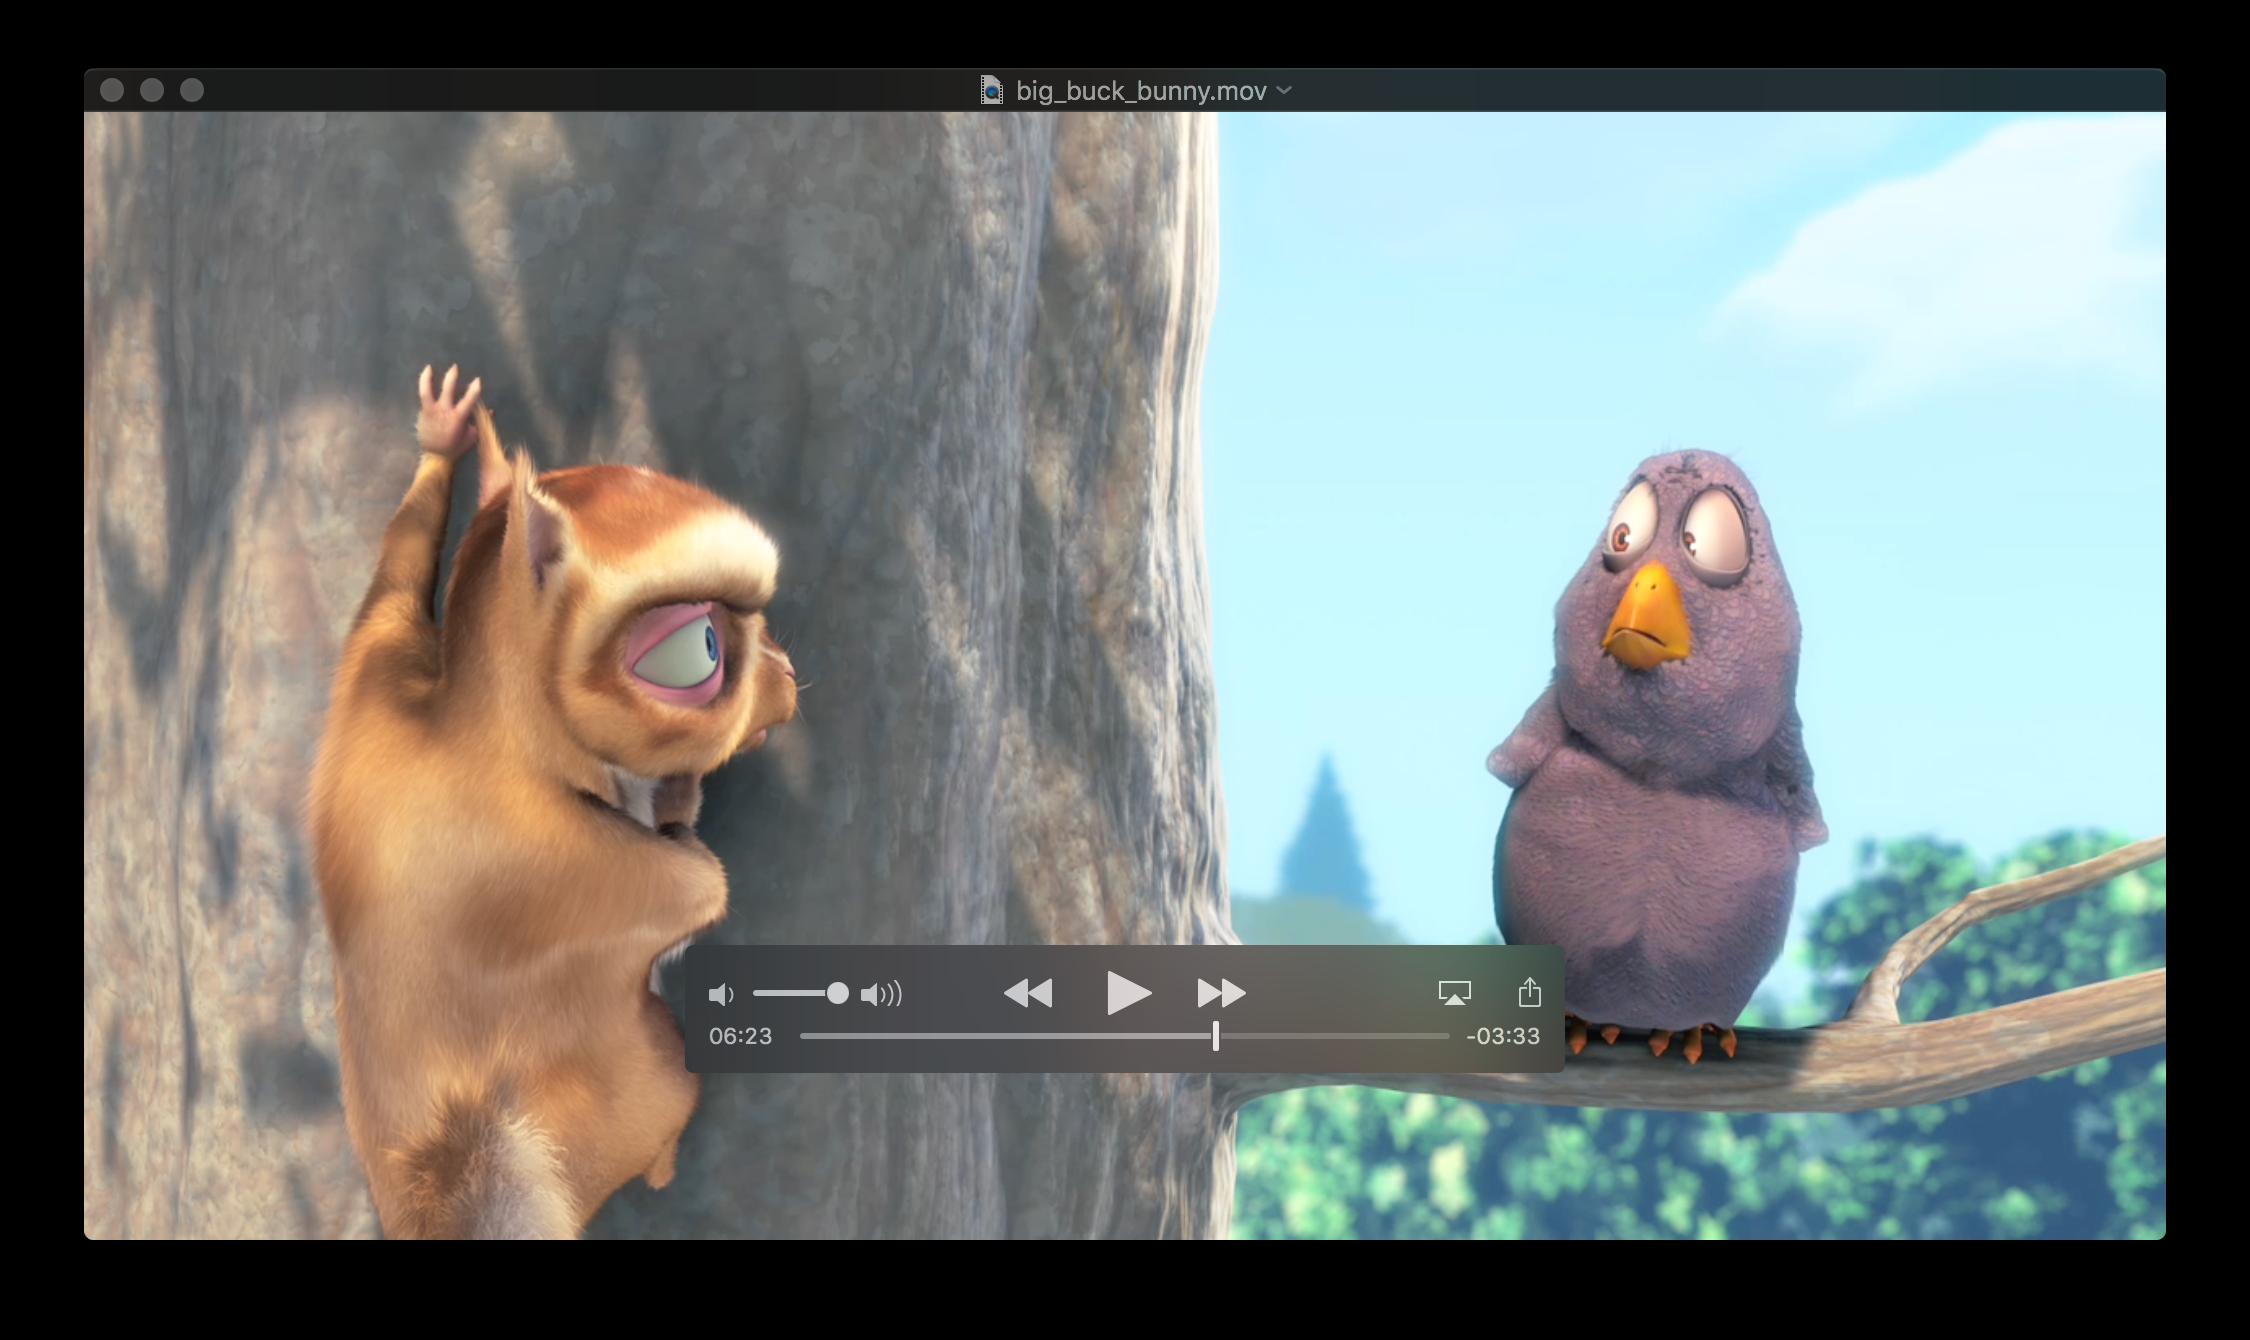 MacOS High Sierra støtter h.265-kodeken som både letter avspilling og sparer diskplass for høyoppløst 4K-innhold.